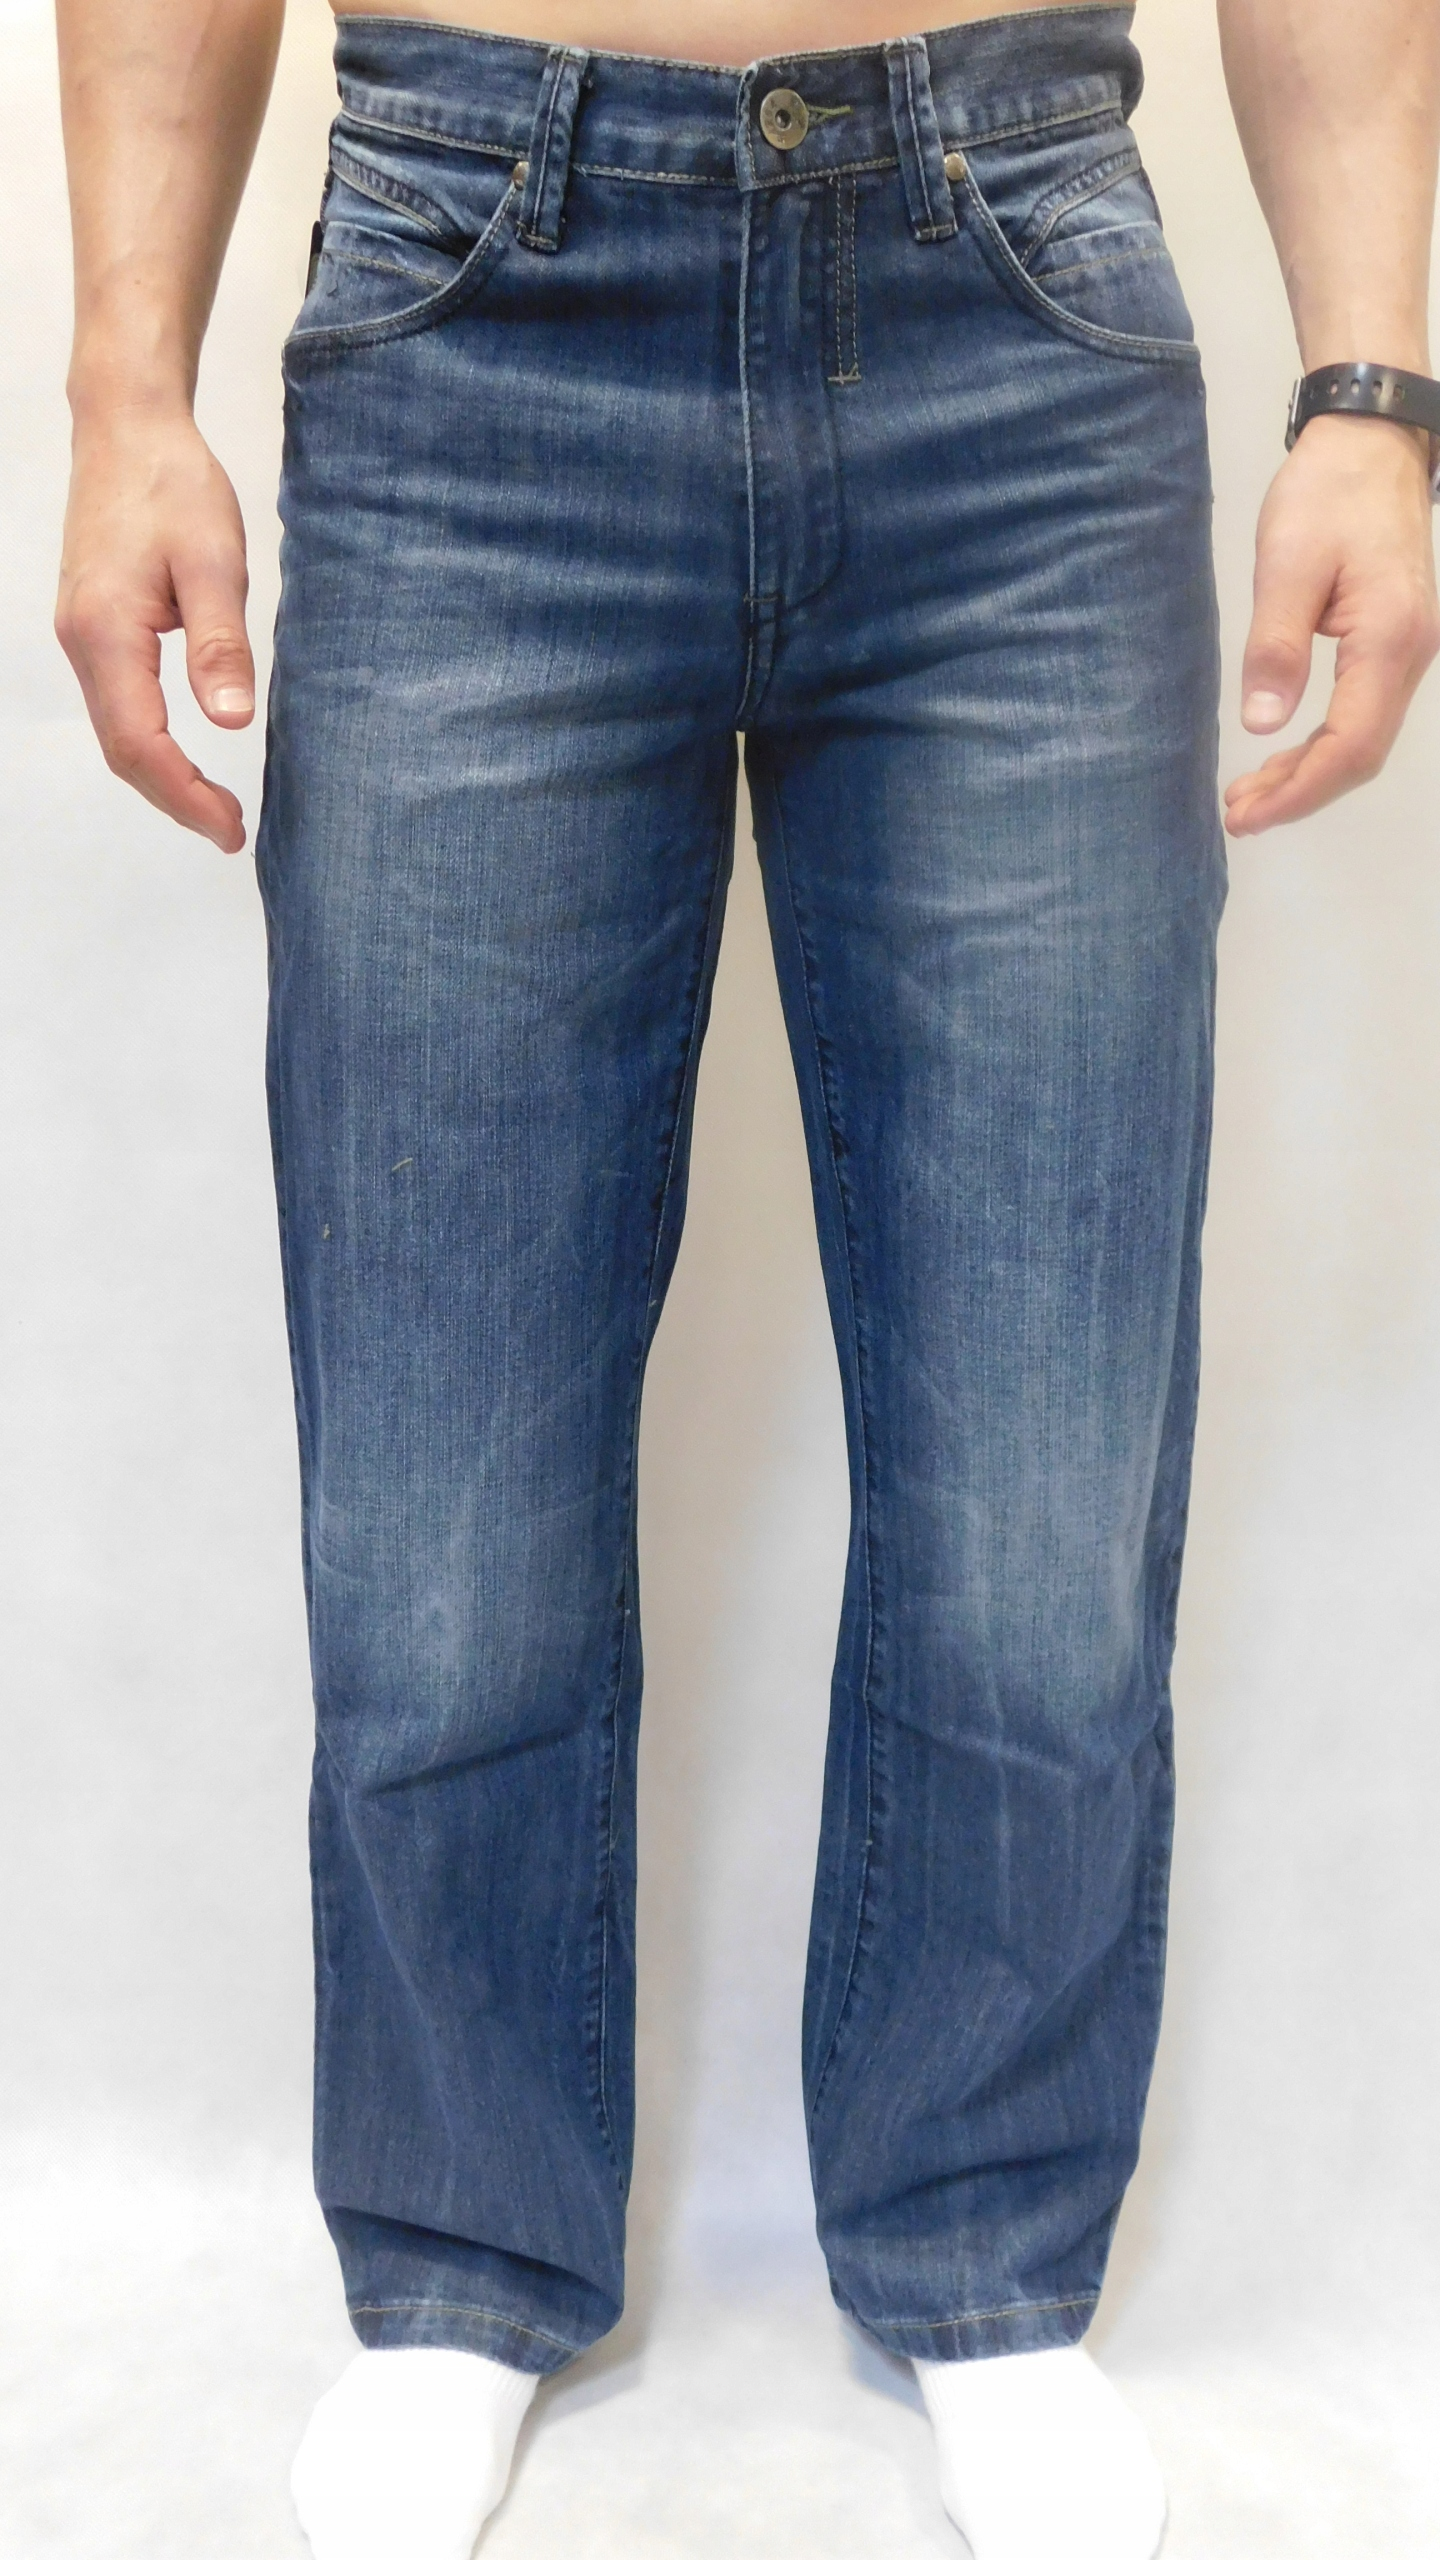 Spodnie męskie jeansowe Sarol 32 pas 82-84 cm